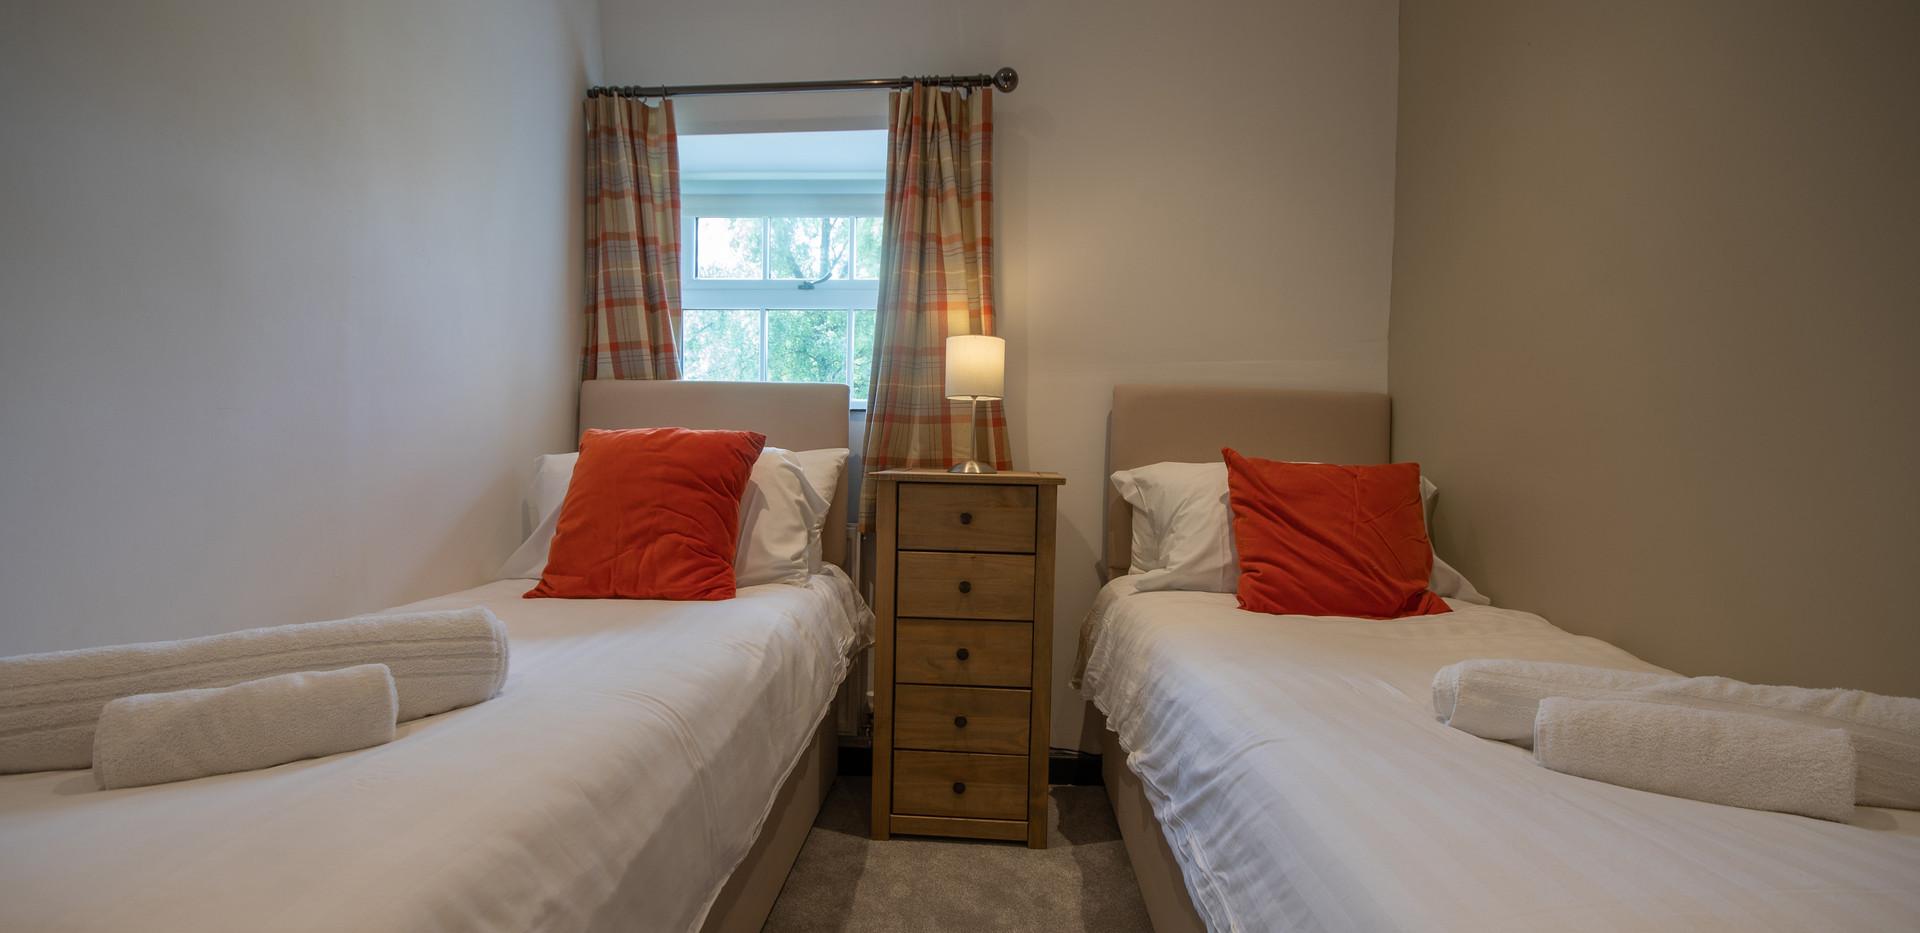 Lathkill Bedroom 2 (1).jpg